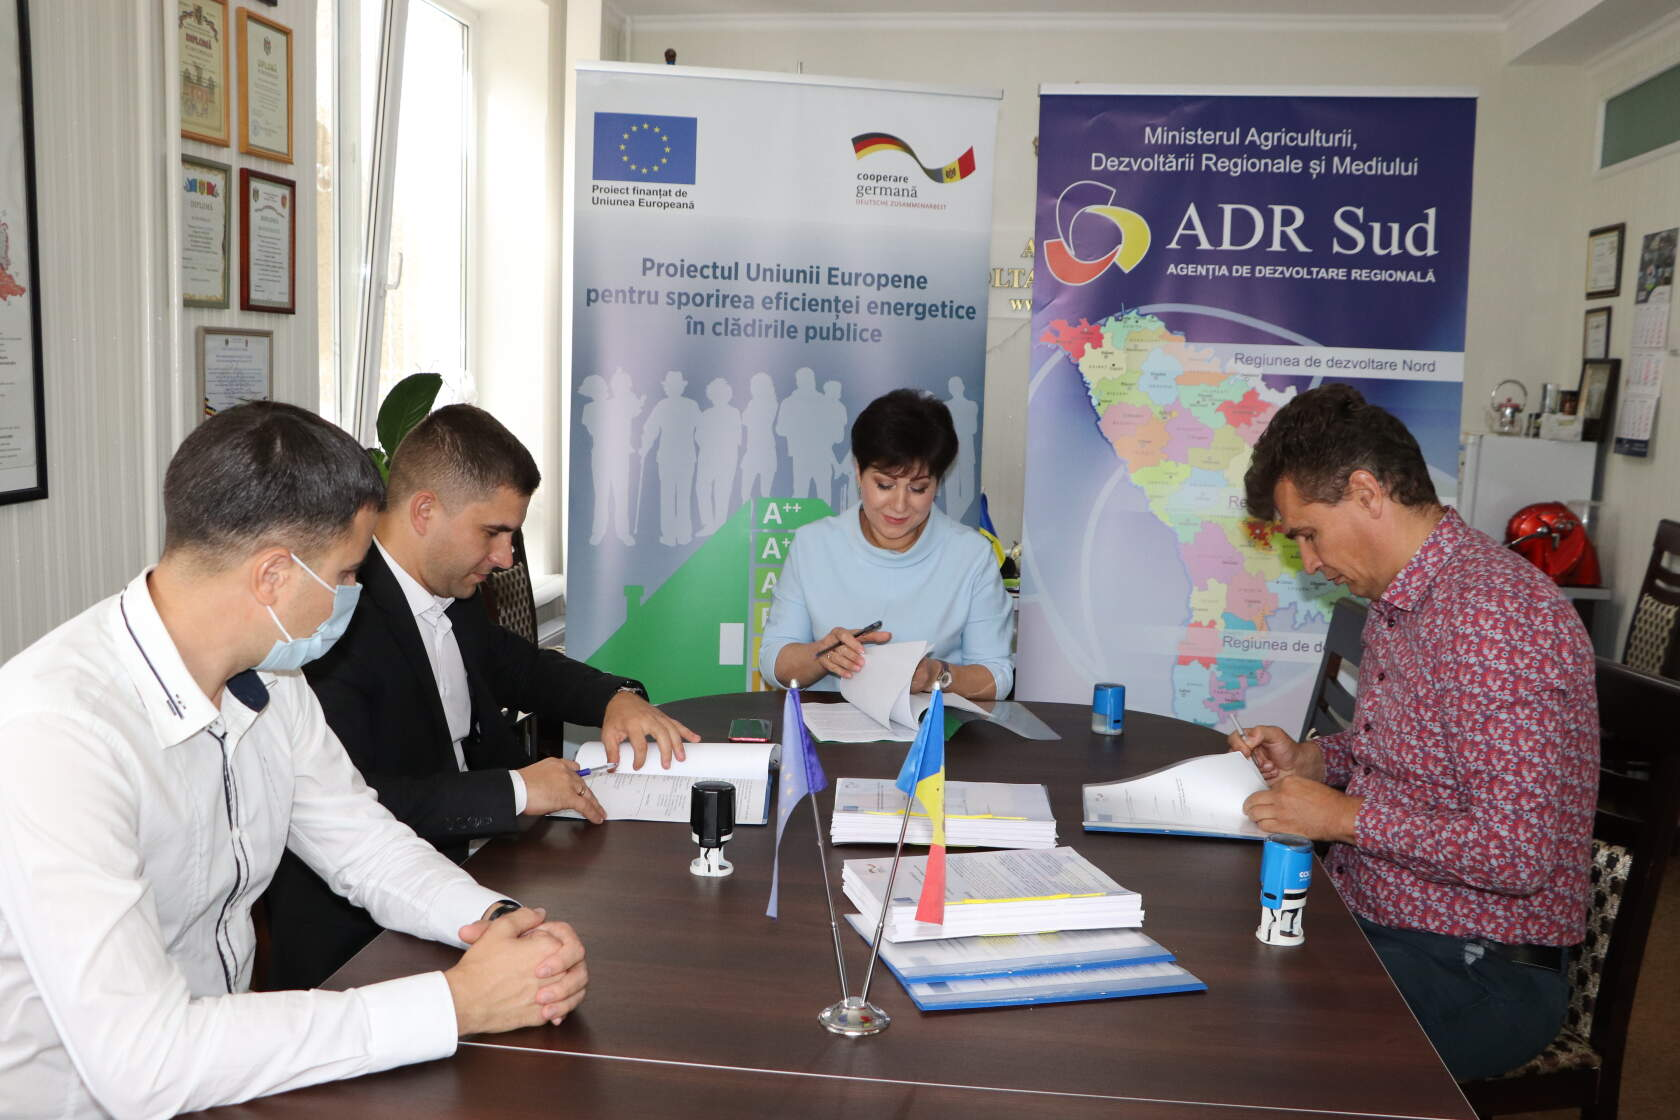 Подписание договора на проведение работ по энергоэффективности в лицее Матей Басараб , 28 сентября 2020